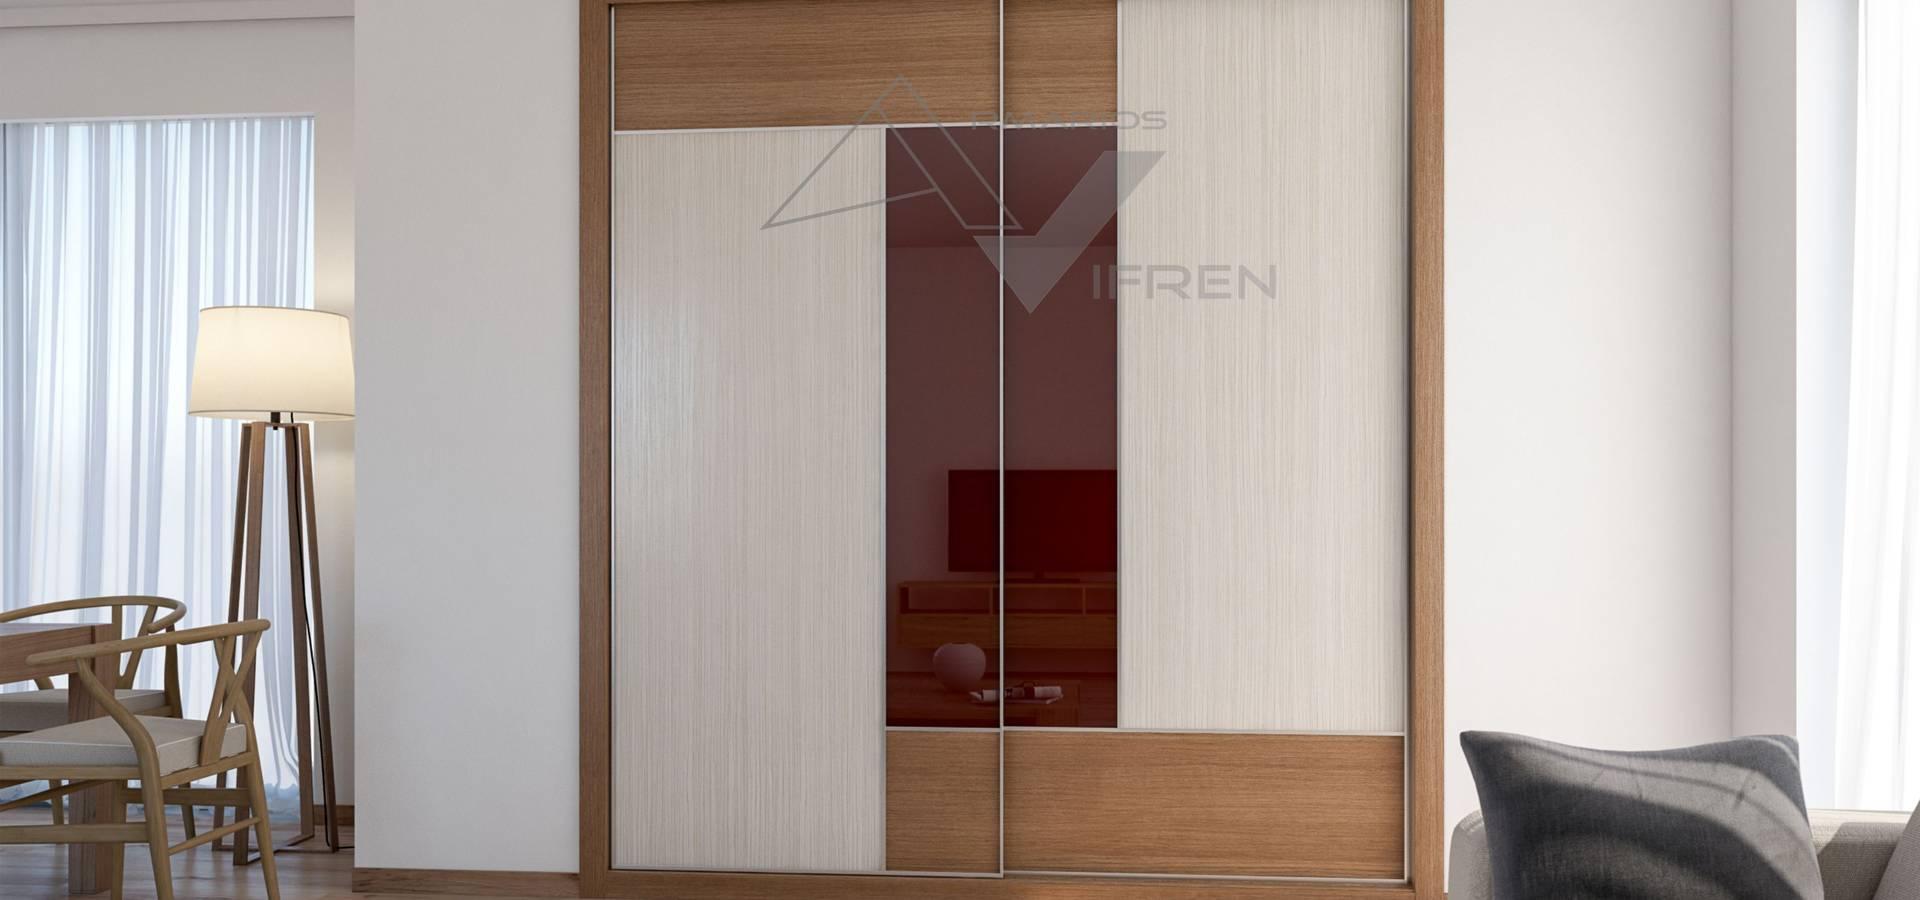 Industrias del armario Vifren S.L.